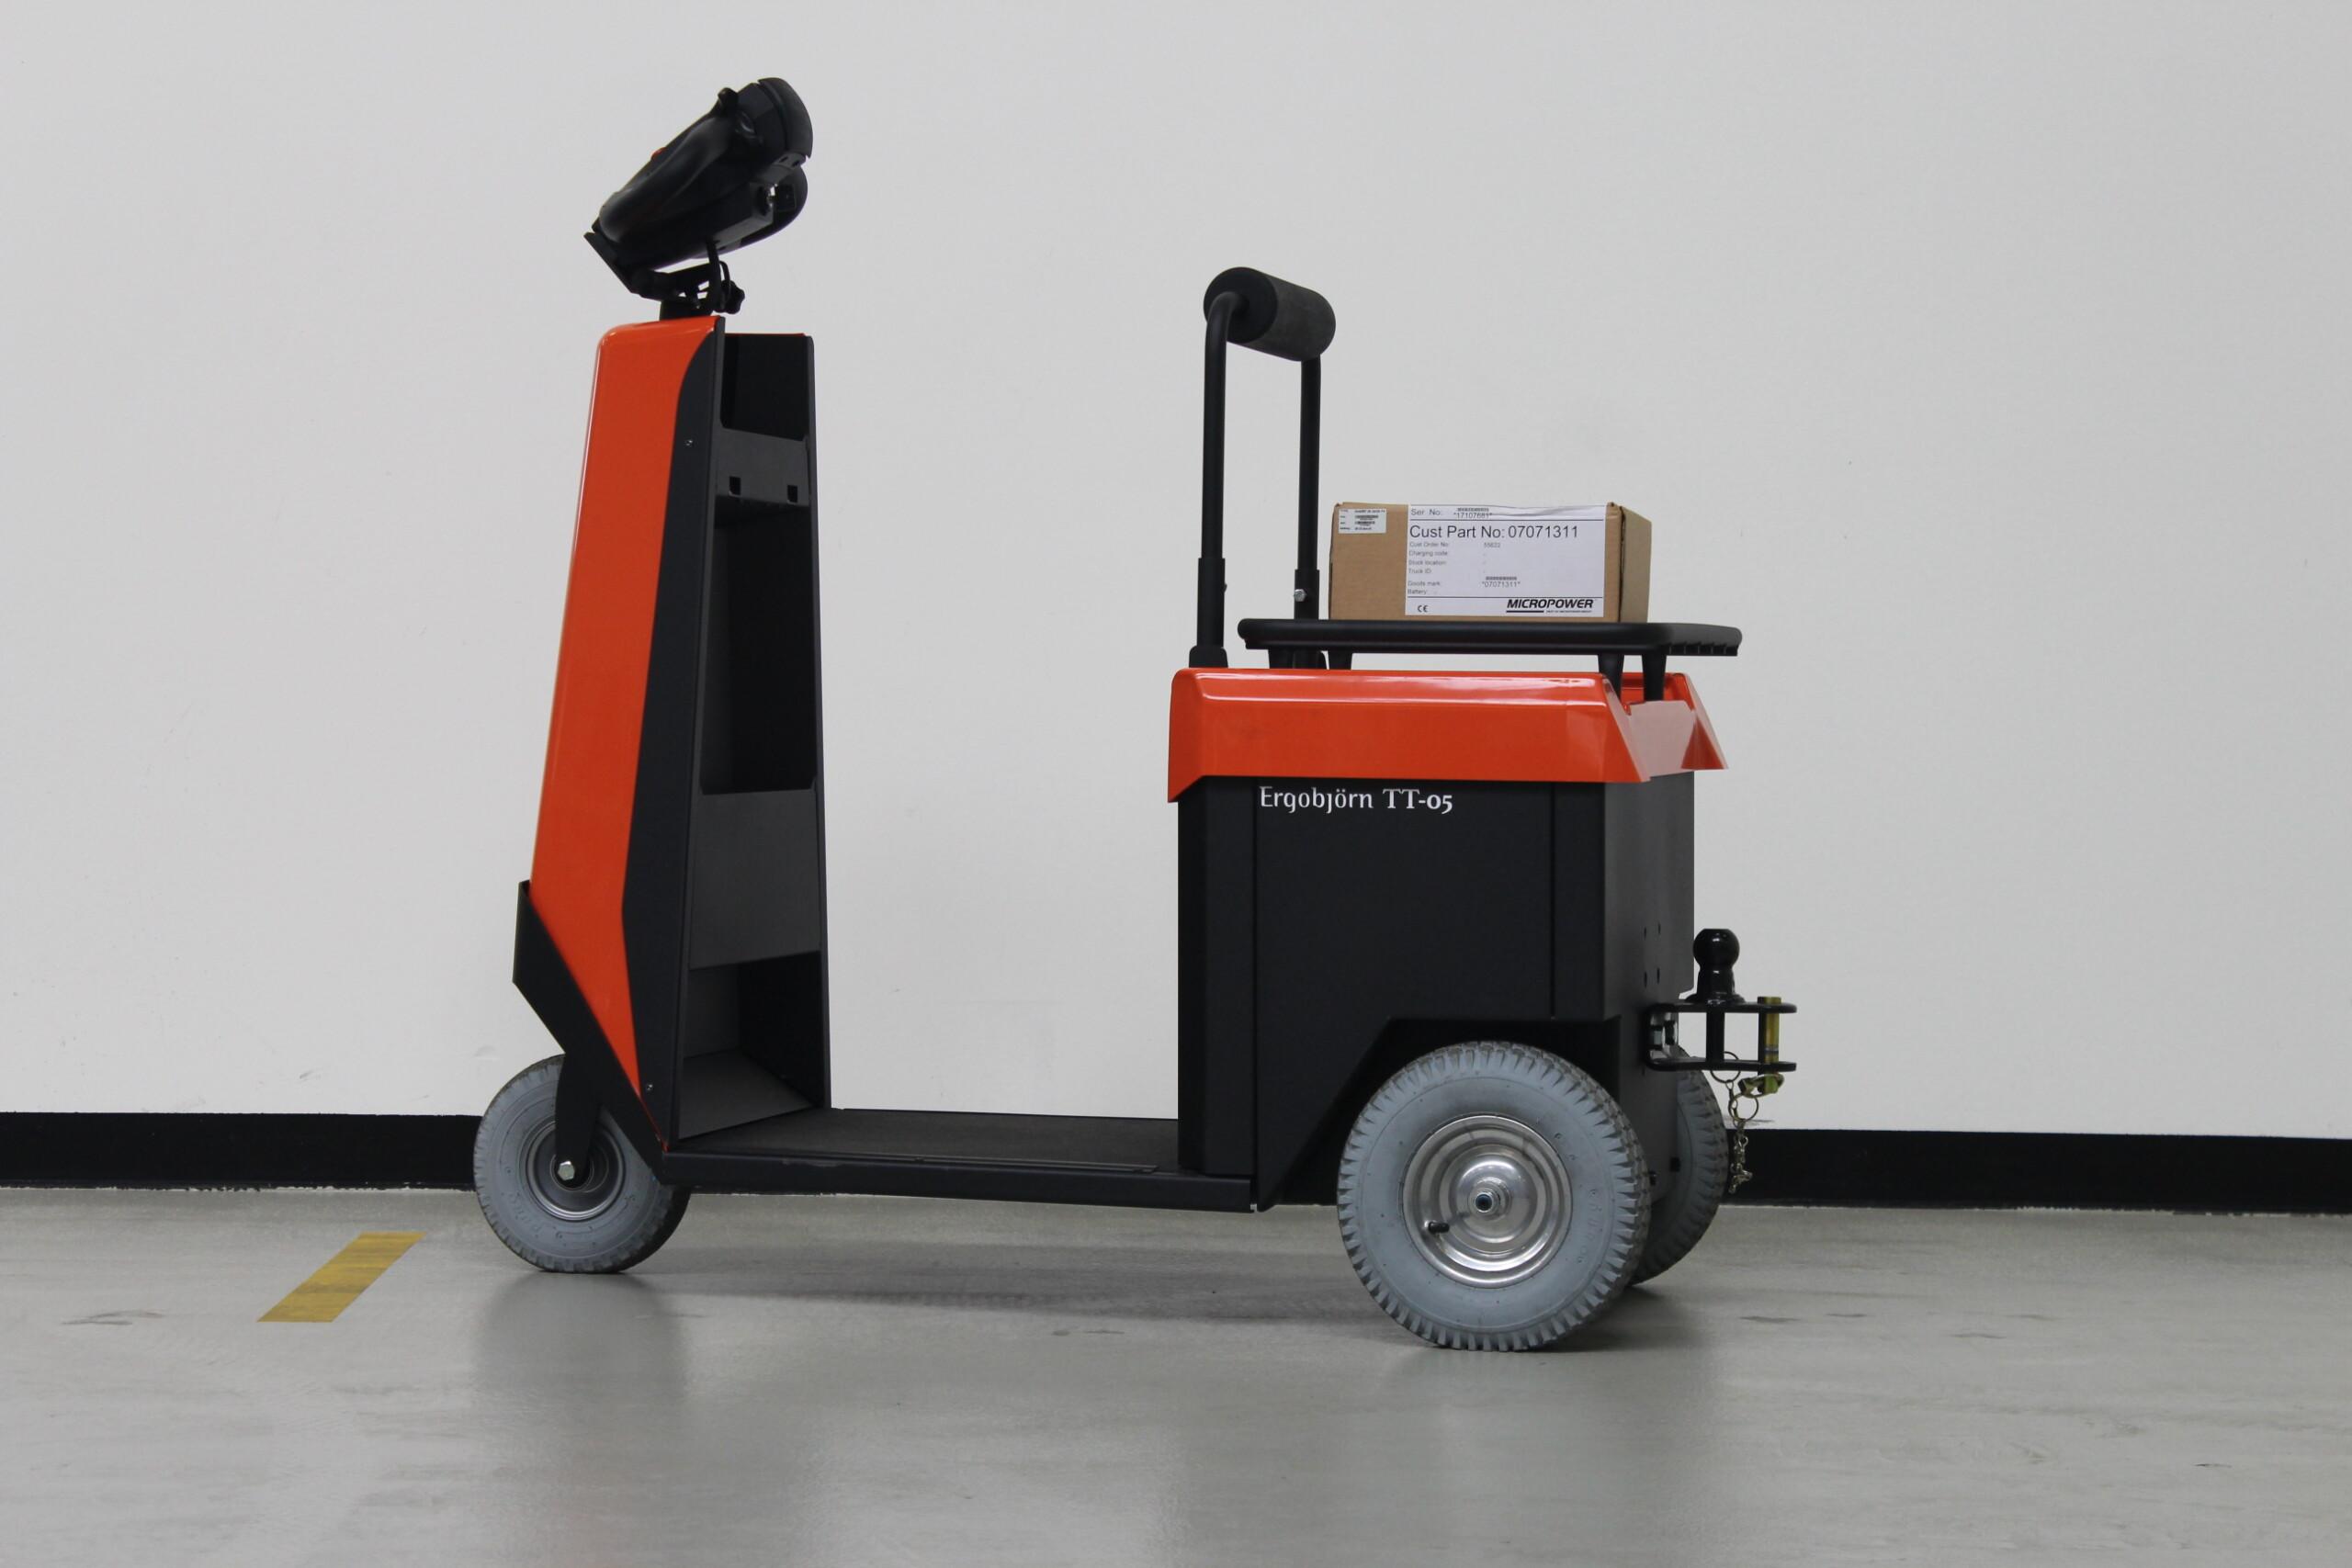 Toyota-Gabelstapler-59840 1712020911 1 50 scaled